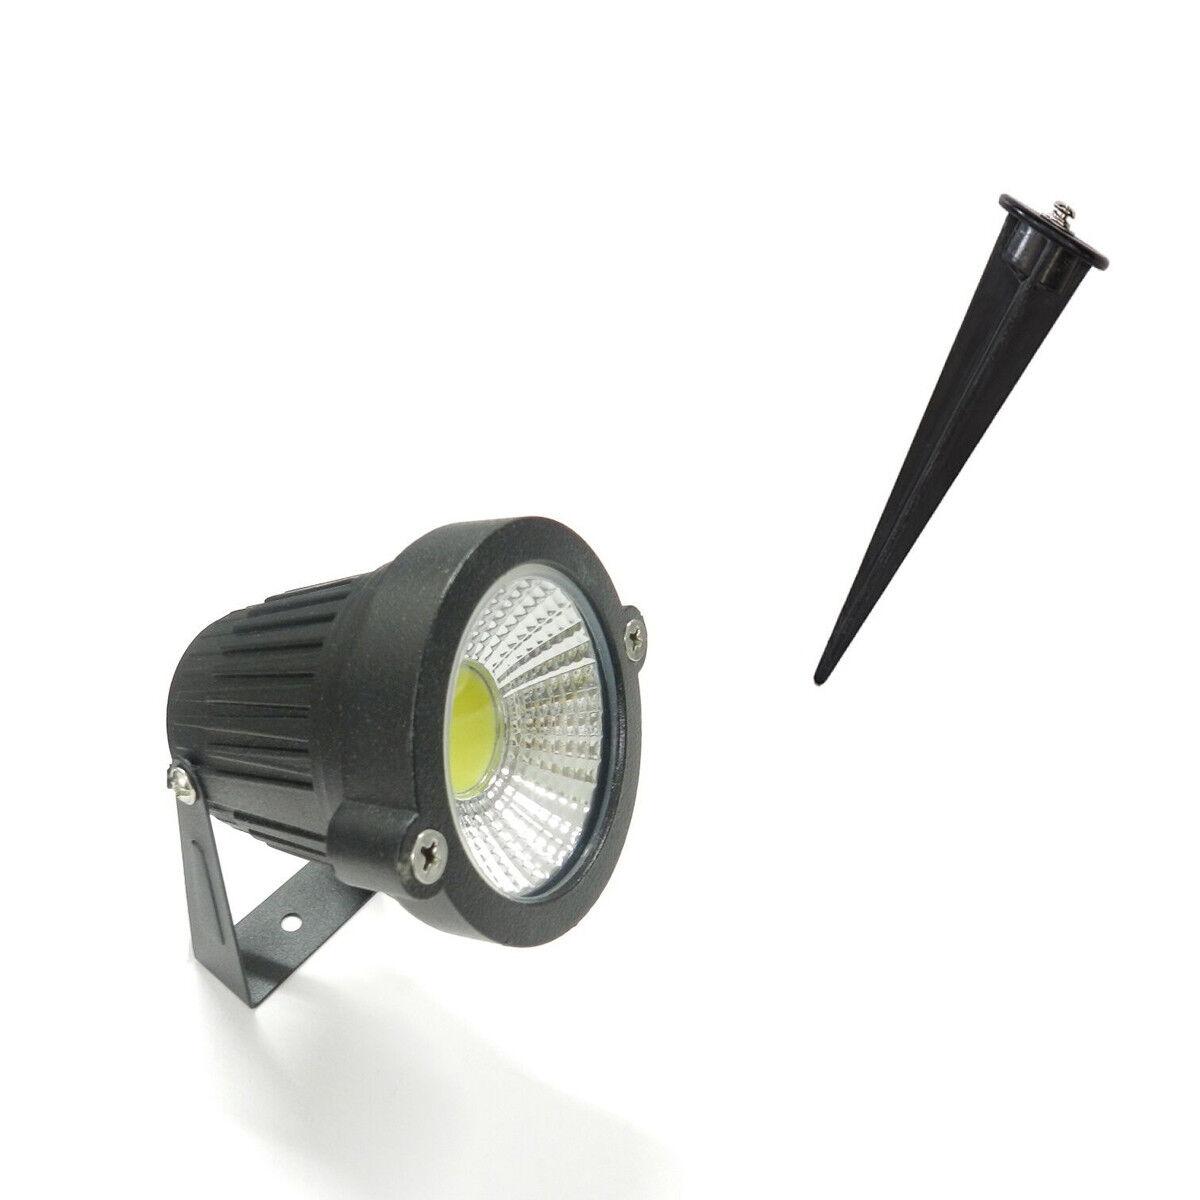 Projecteur Phare Cob LED pour Jardin 5W Watt Support Piquet Lumière Chaude IP 65